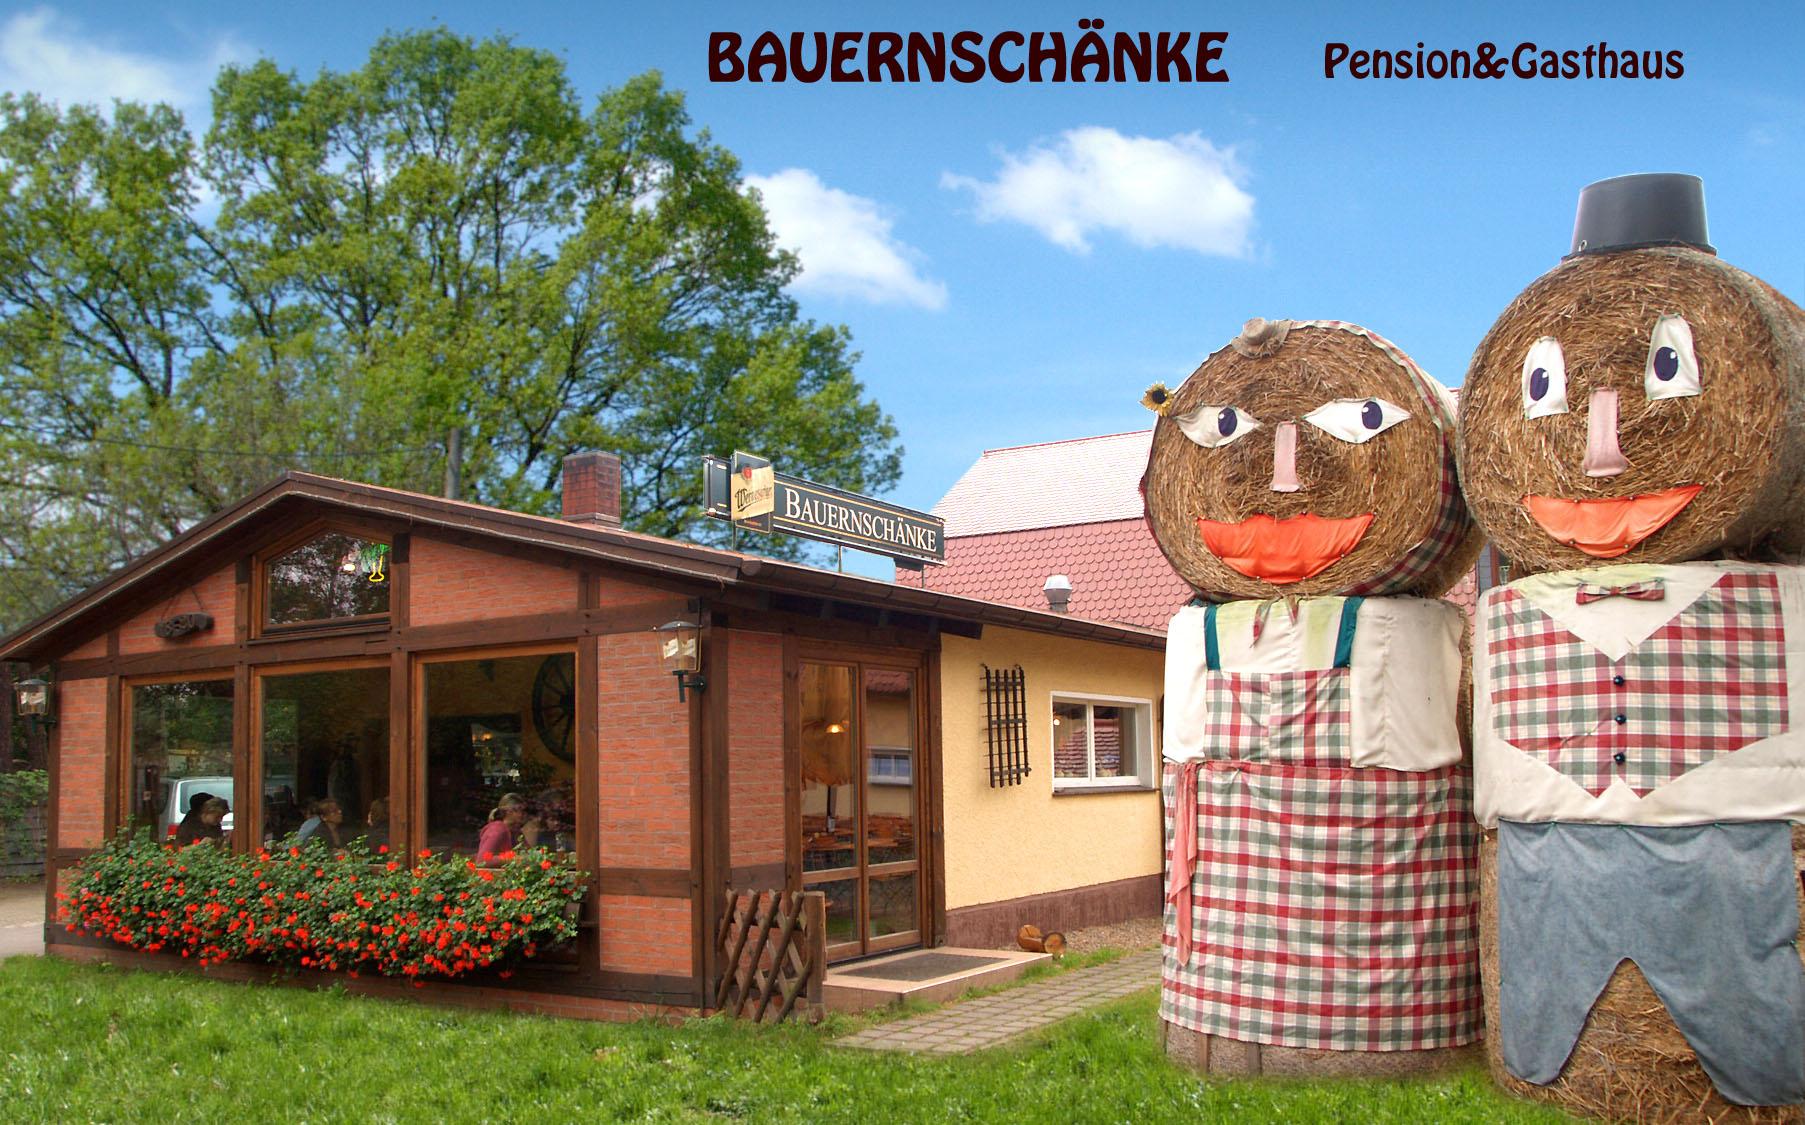 Bauernschänke Eggersdorf - Pension & Gasthaus